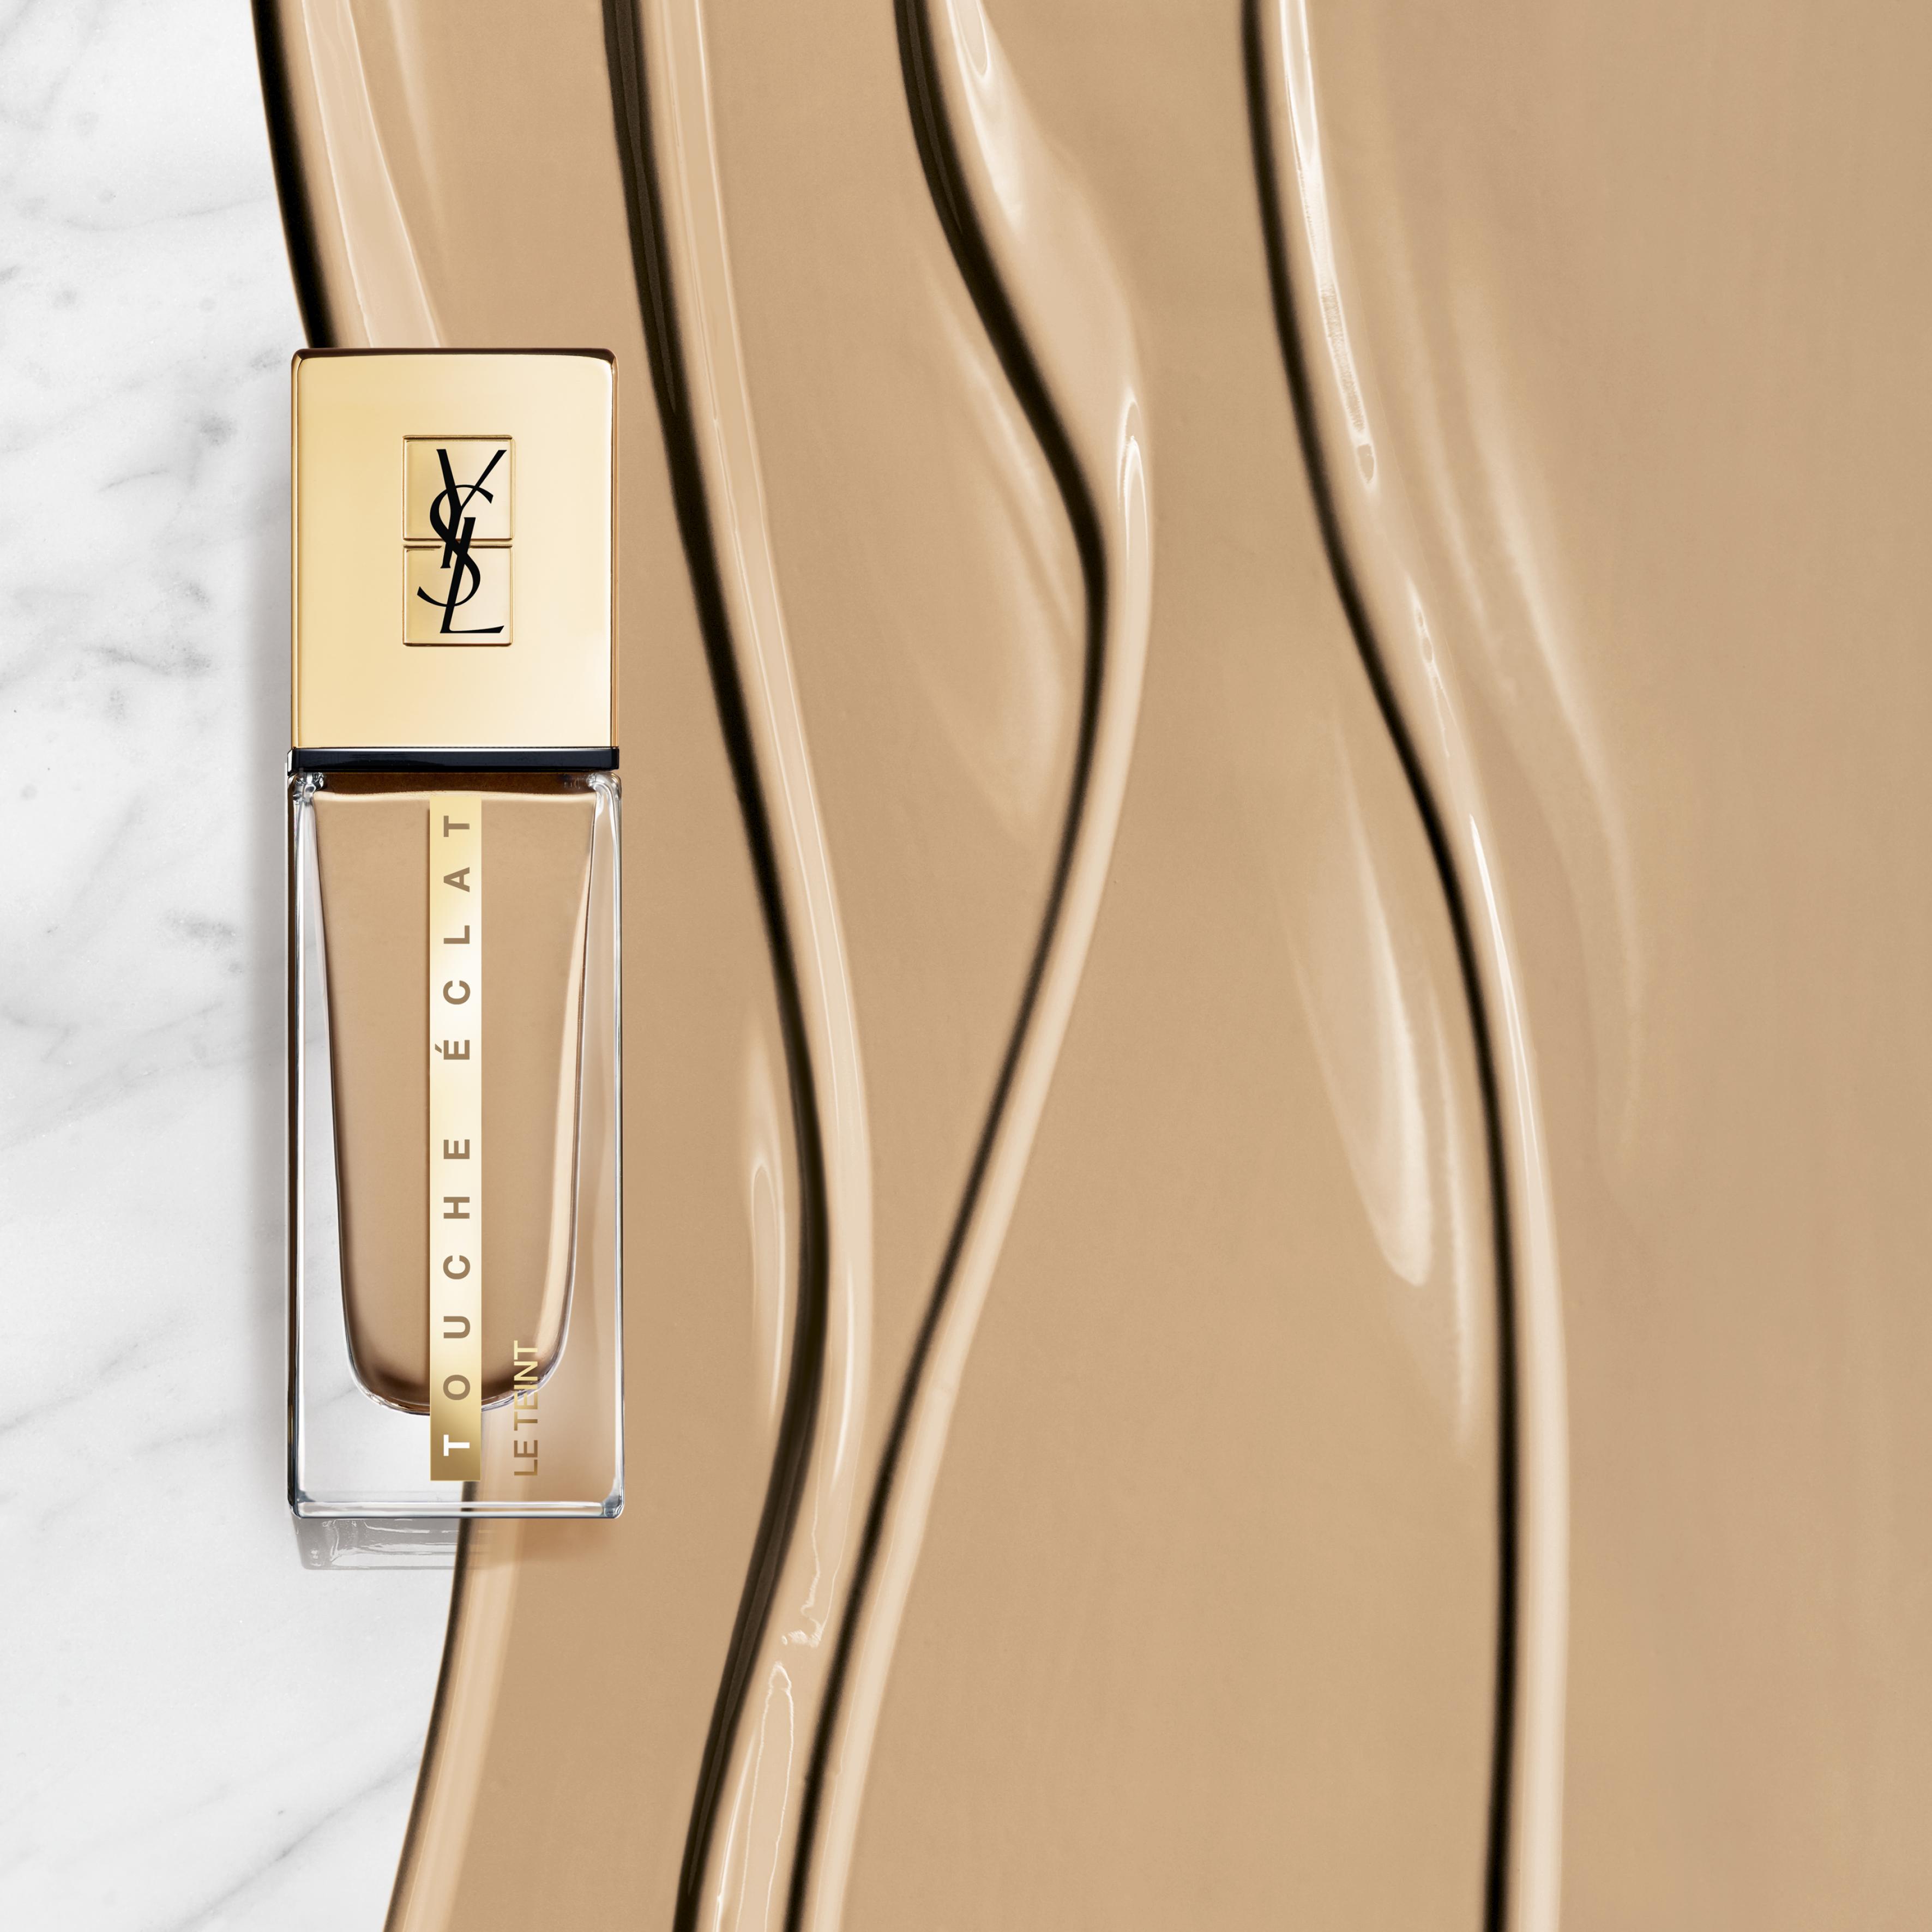 Yves Saint Laurent Le Teint Touche Eclat Foundation, B40